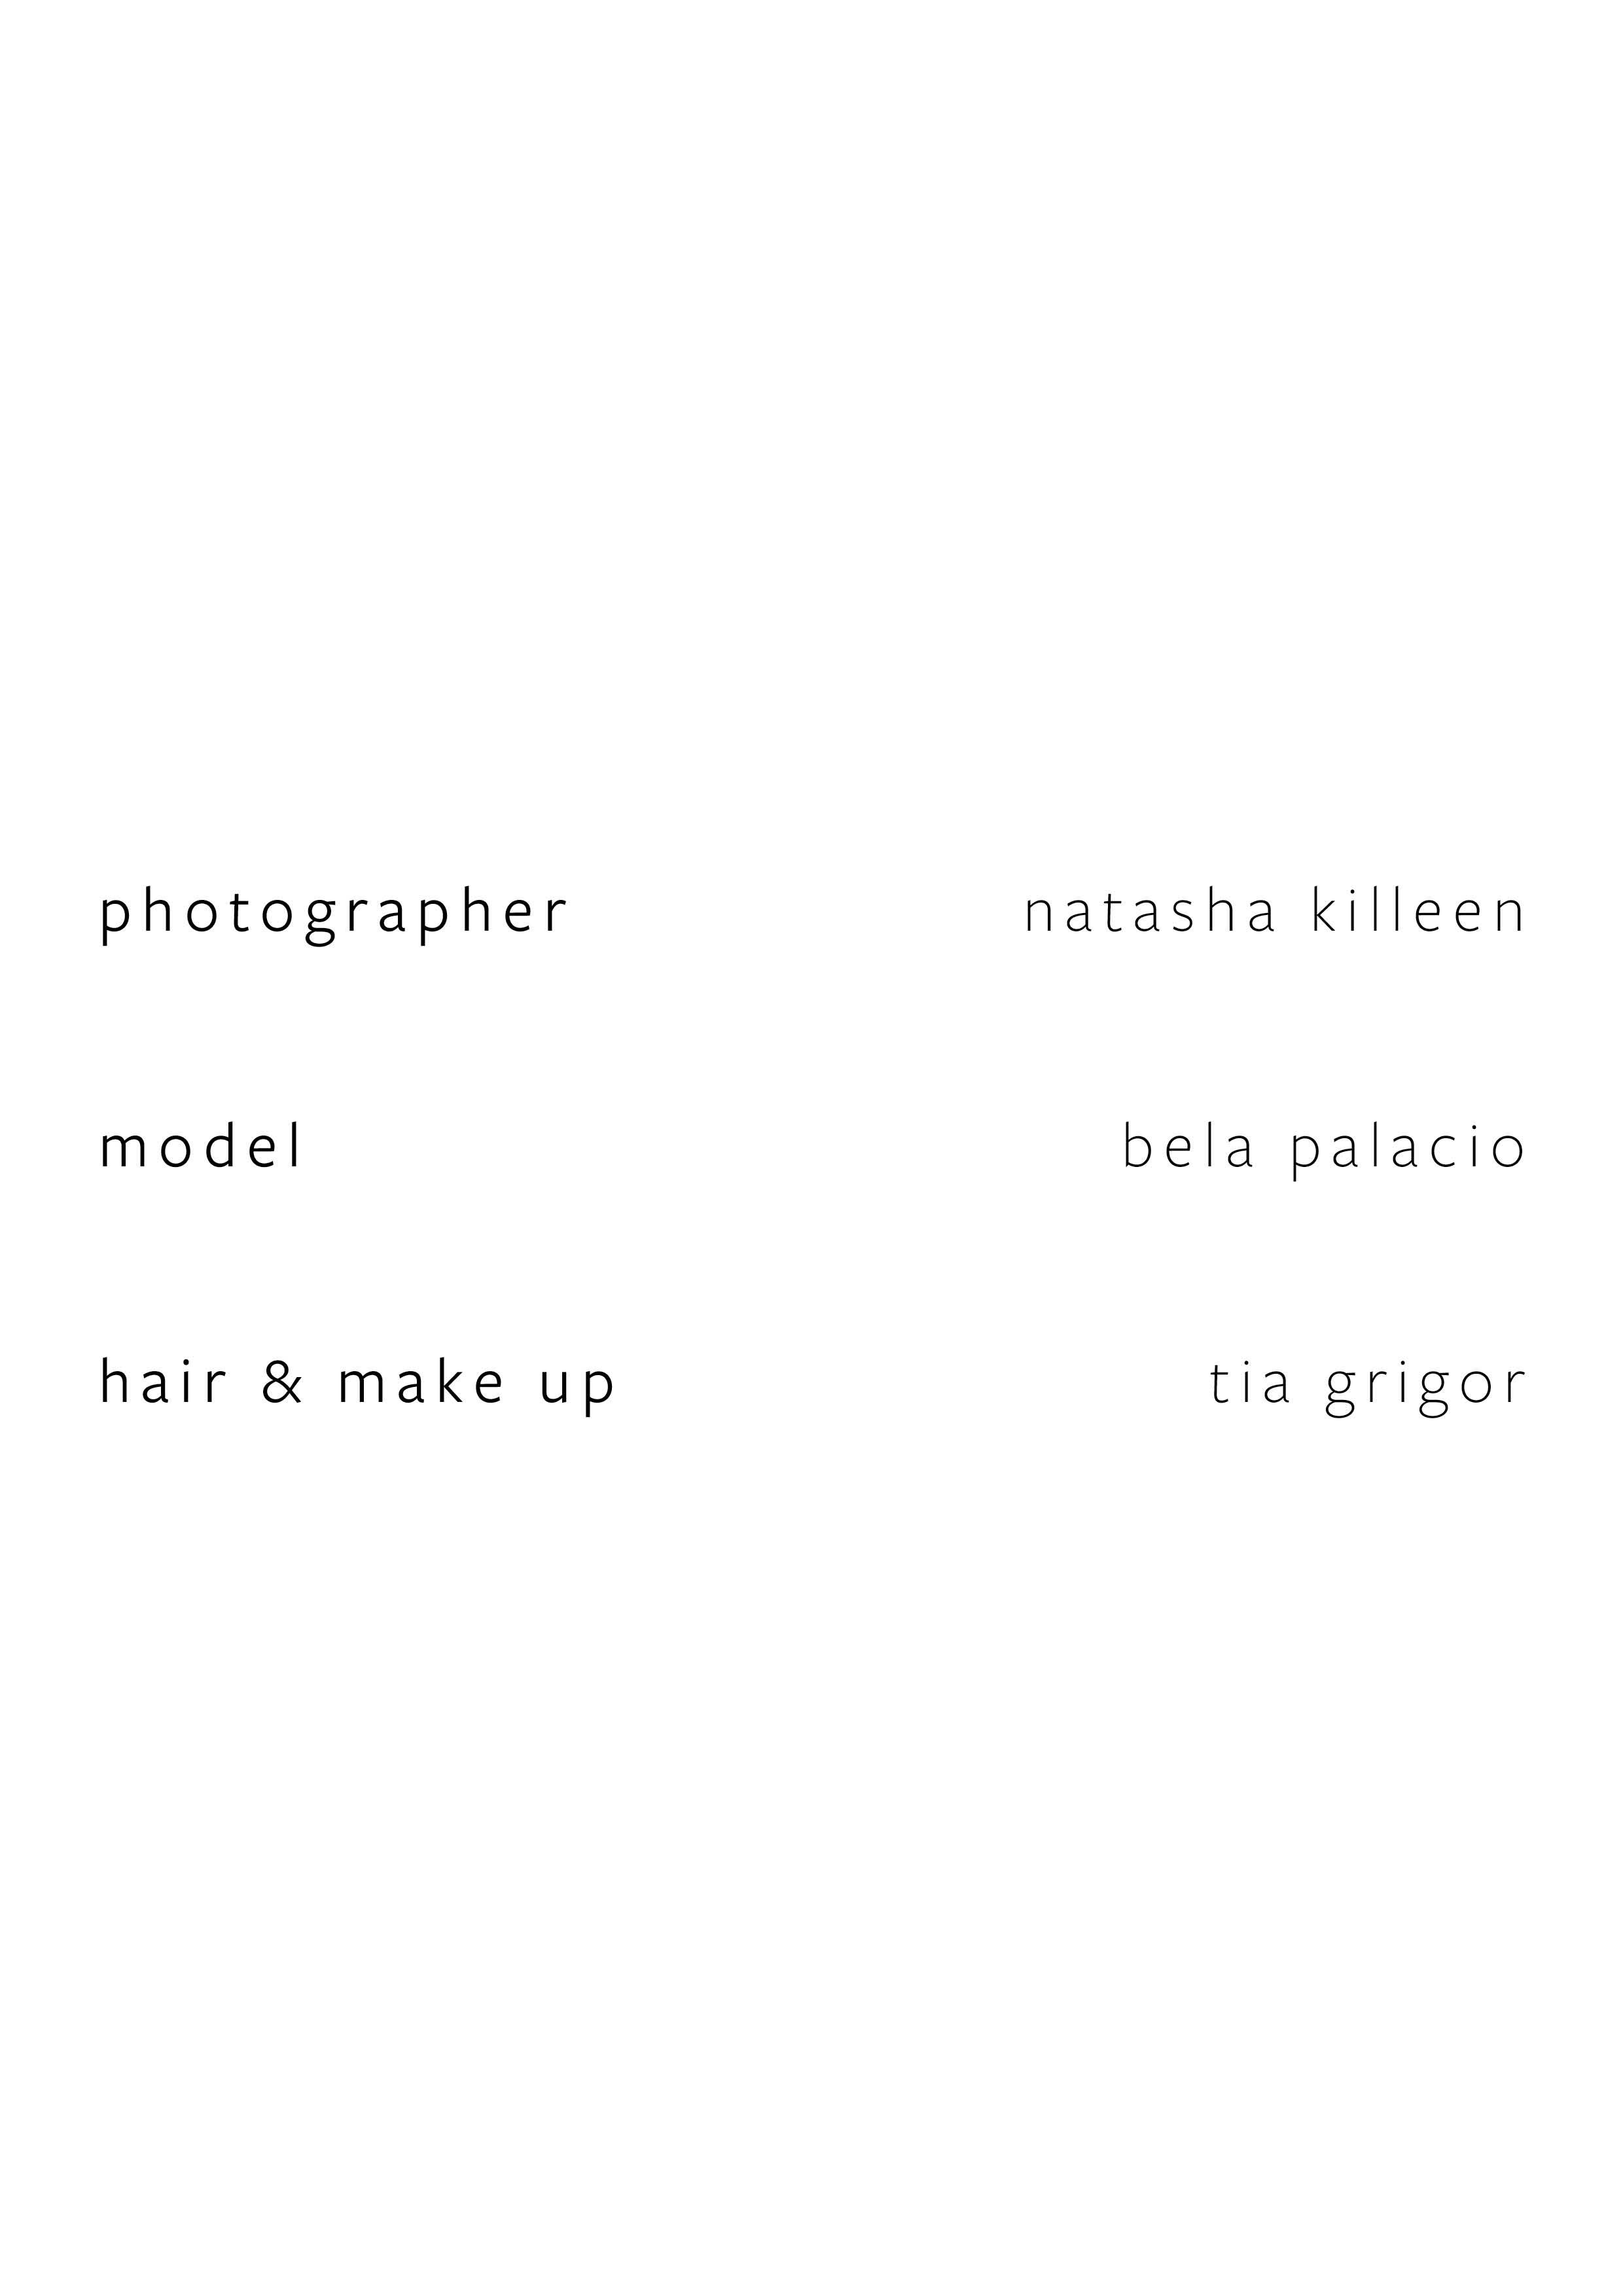 tribute to photographers 2.jpg